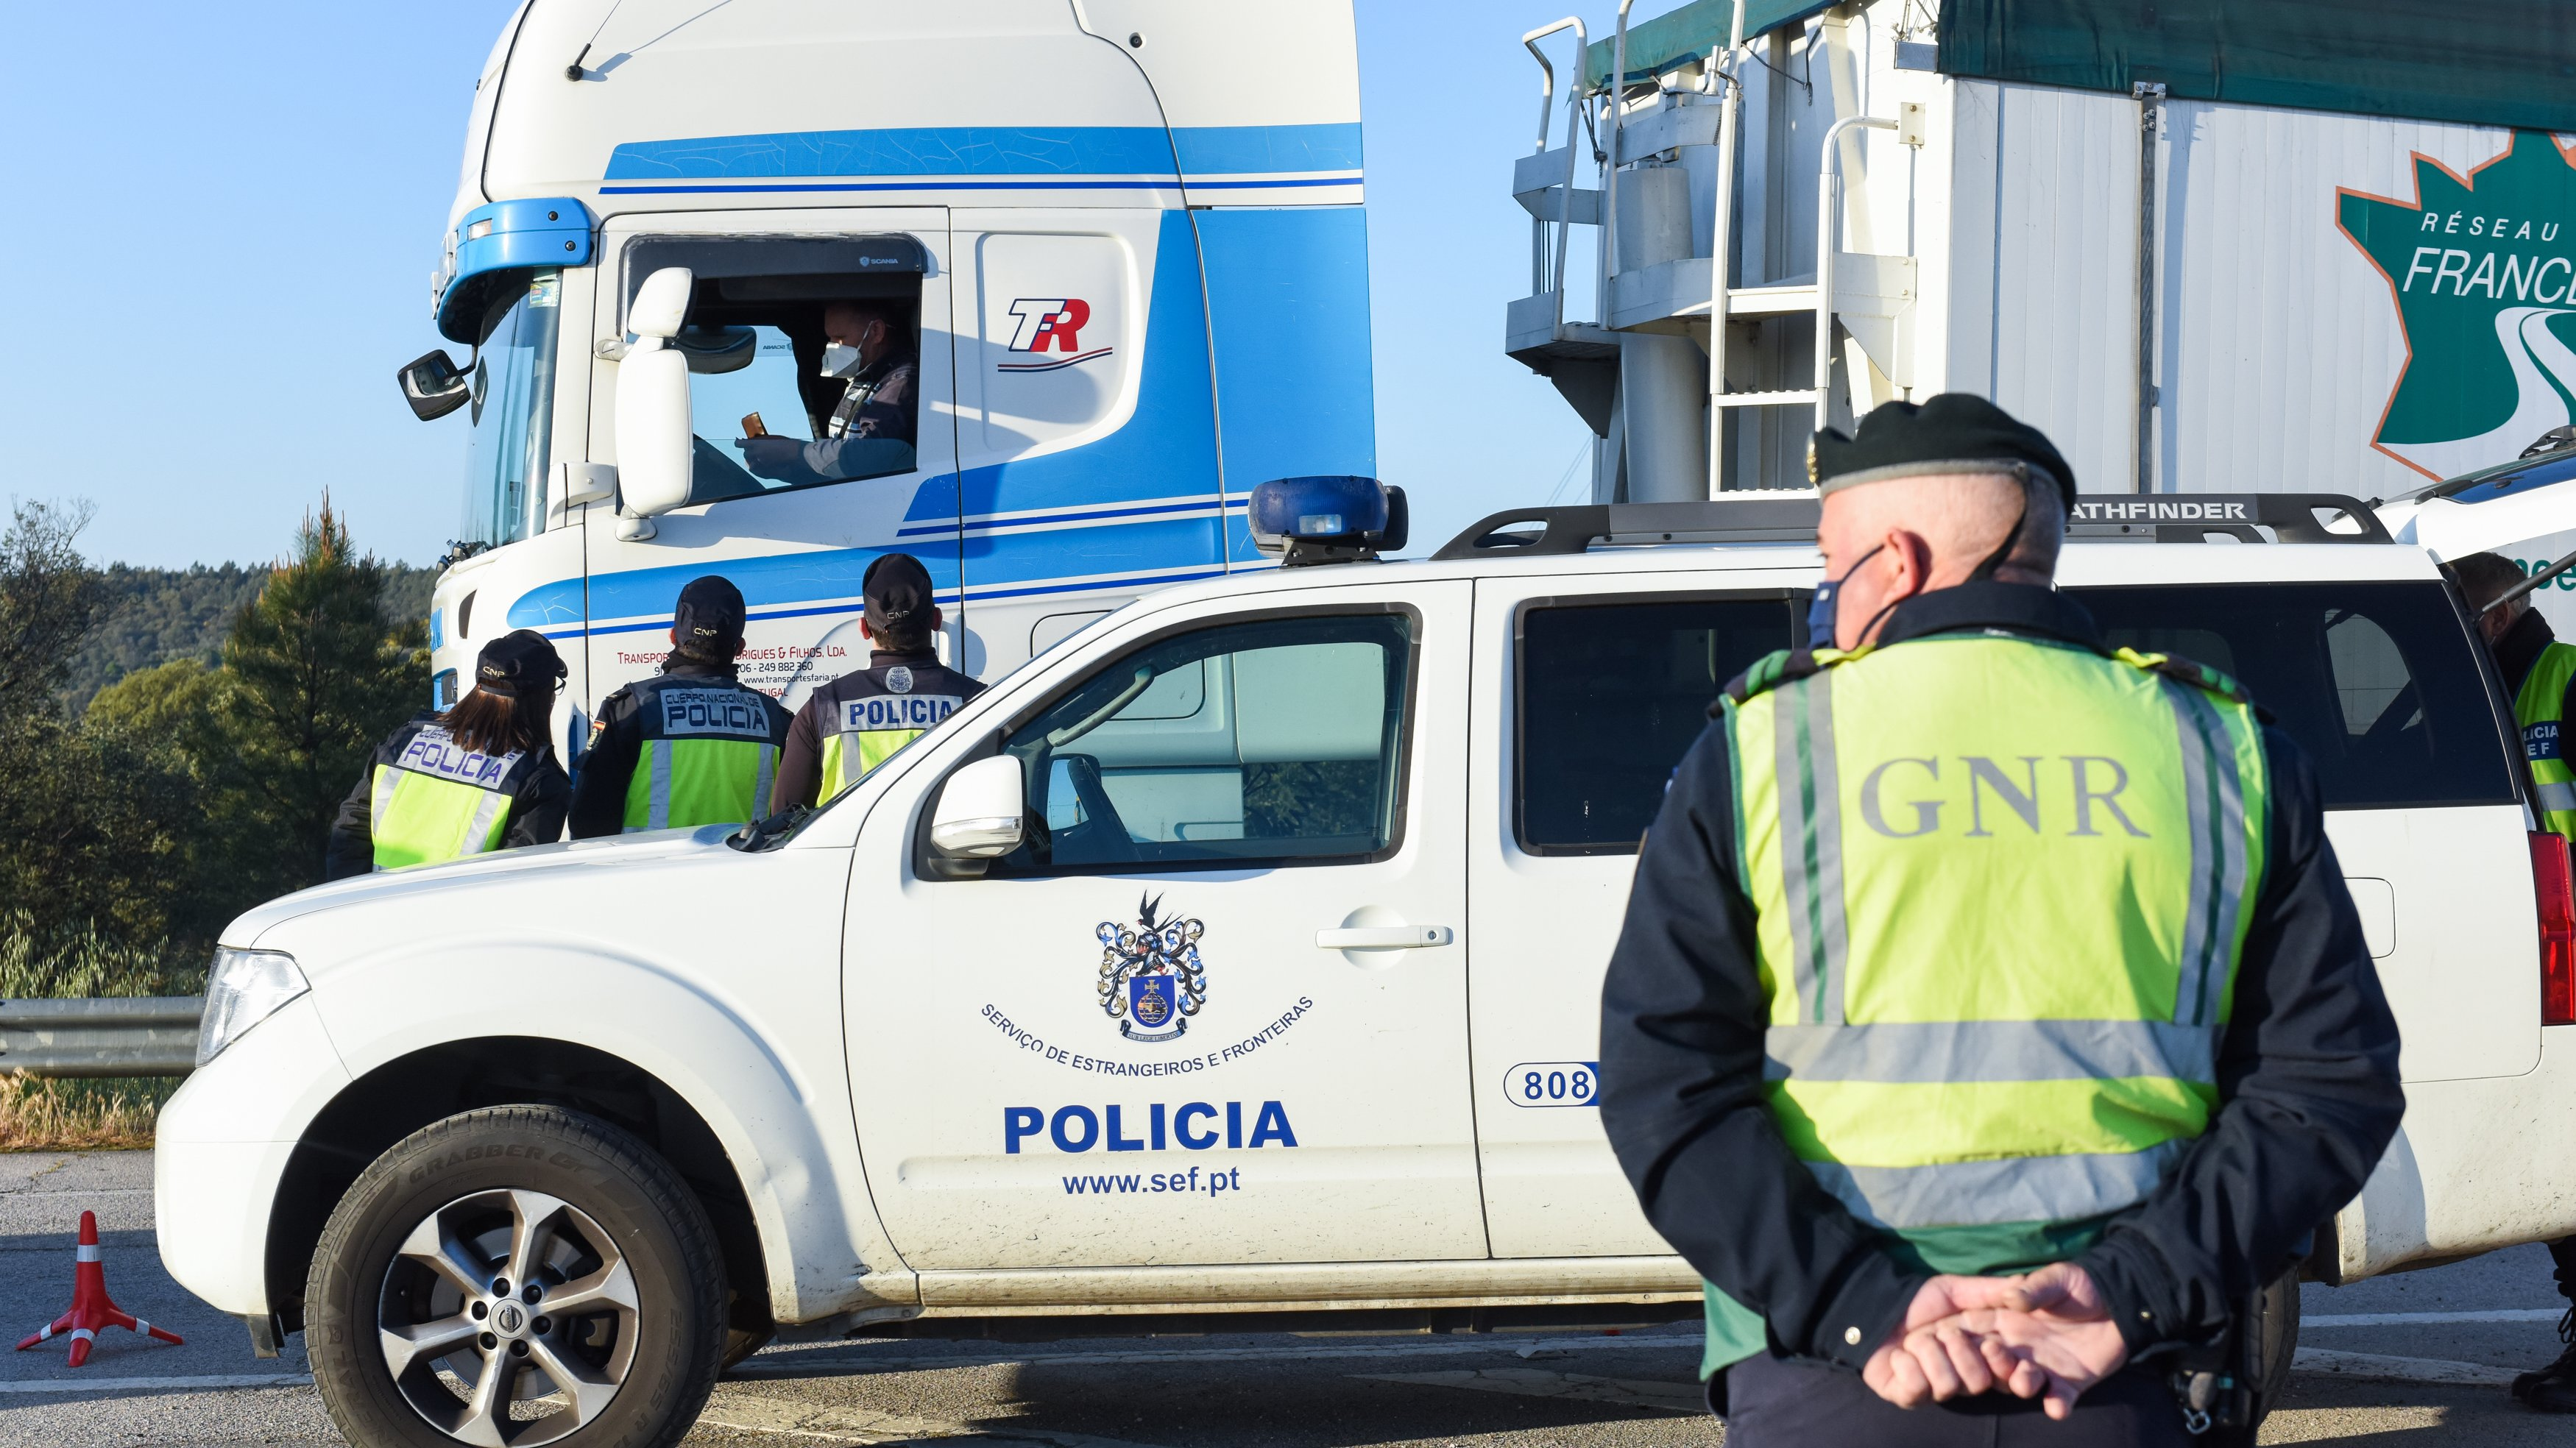 Polícias da GNR na fronteira entre Portugal e Espanha